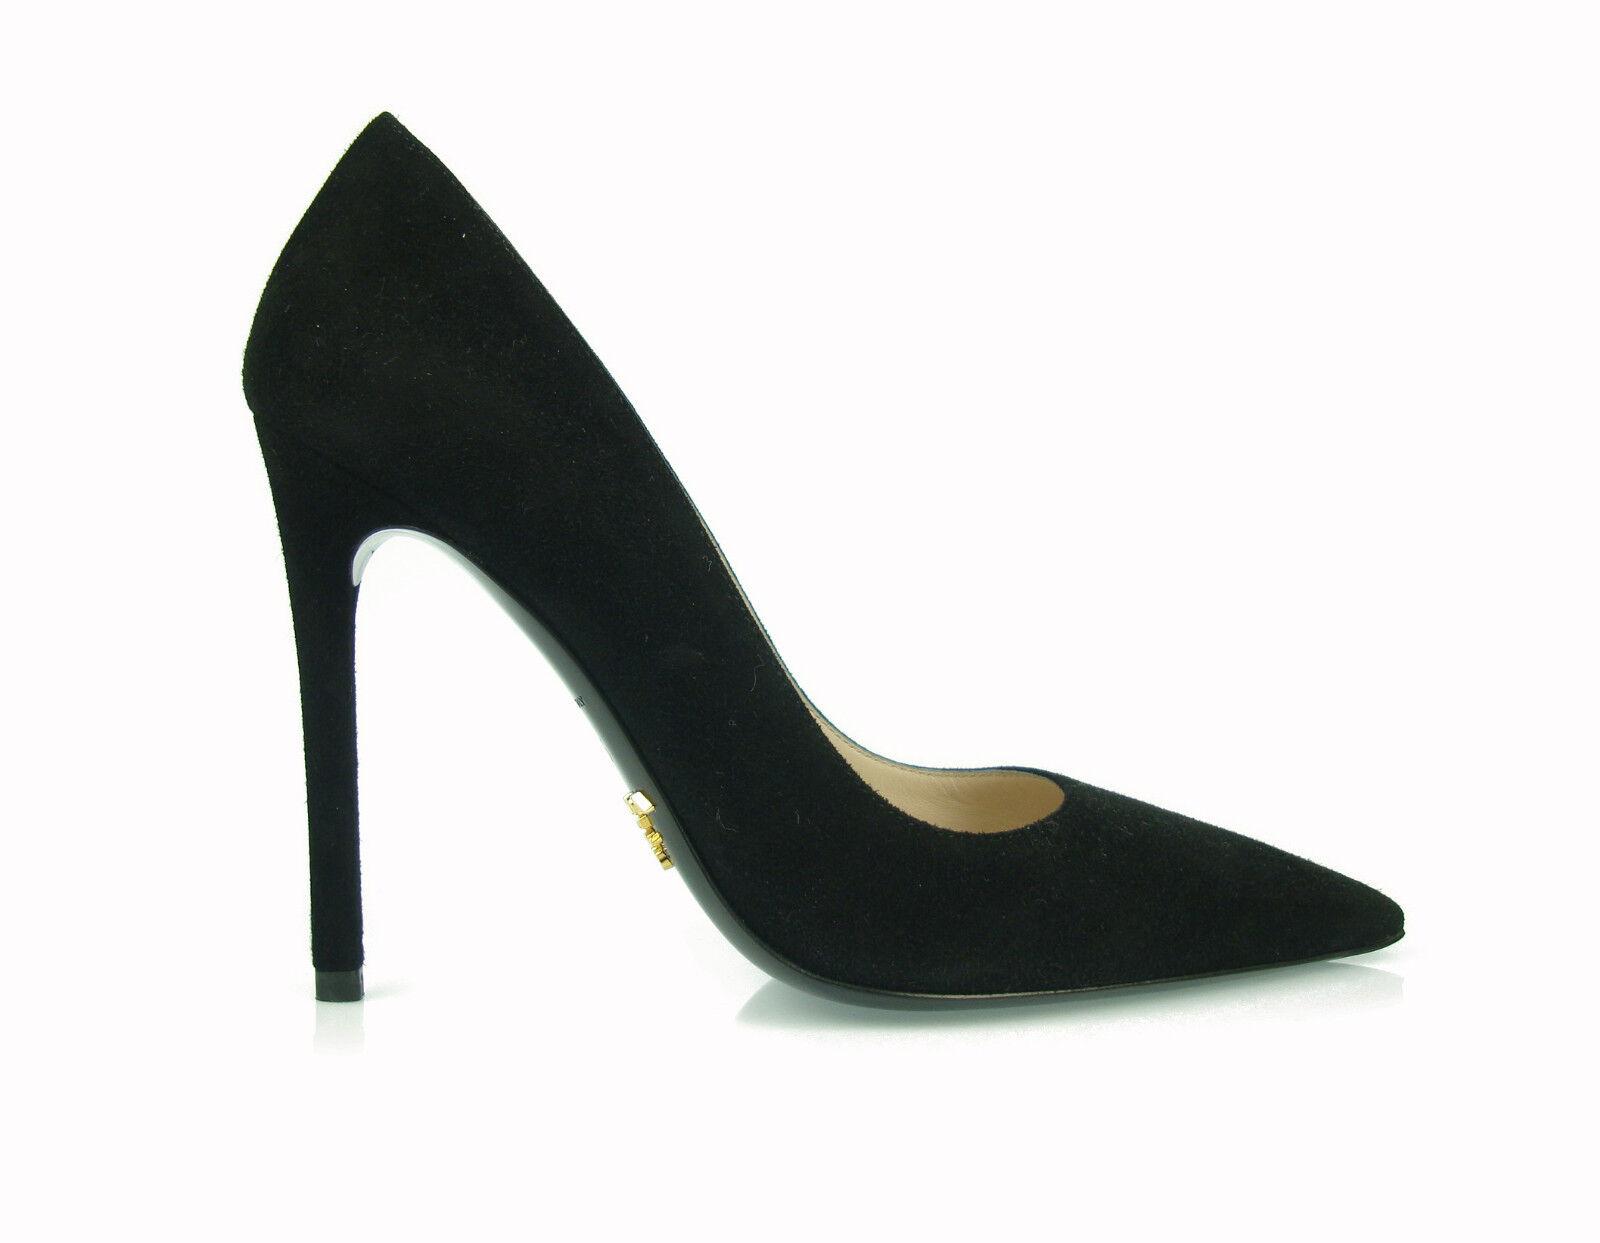 PRADA shoes women women damenshuhe Decolté  Pumps SHOES 100% AUTH.